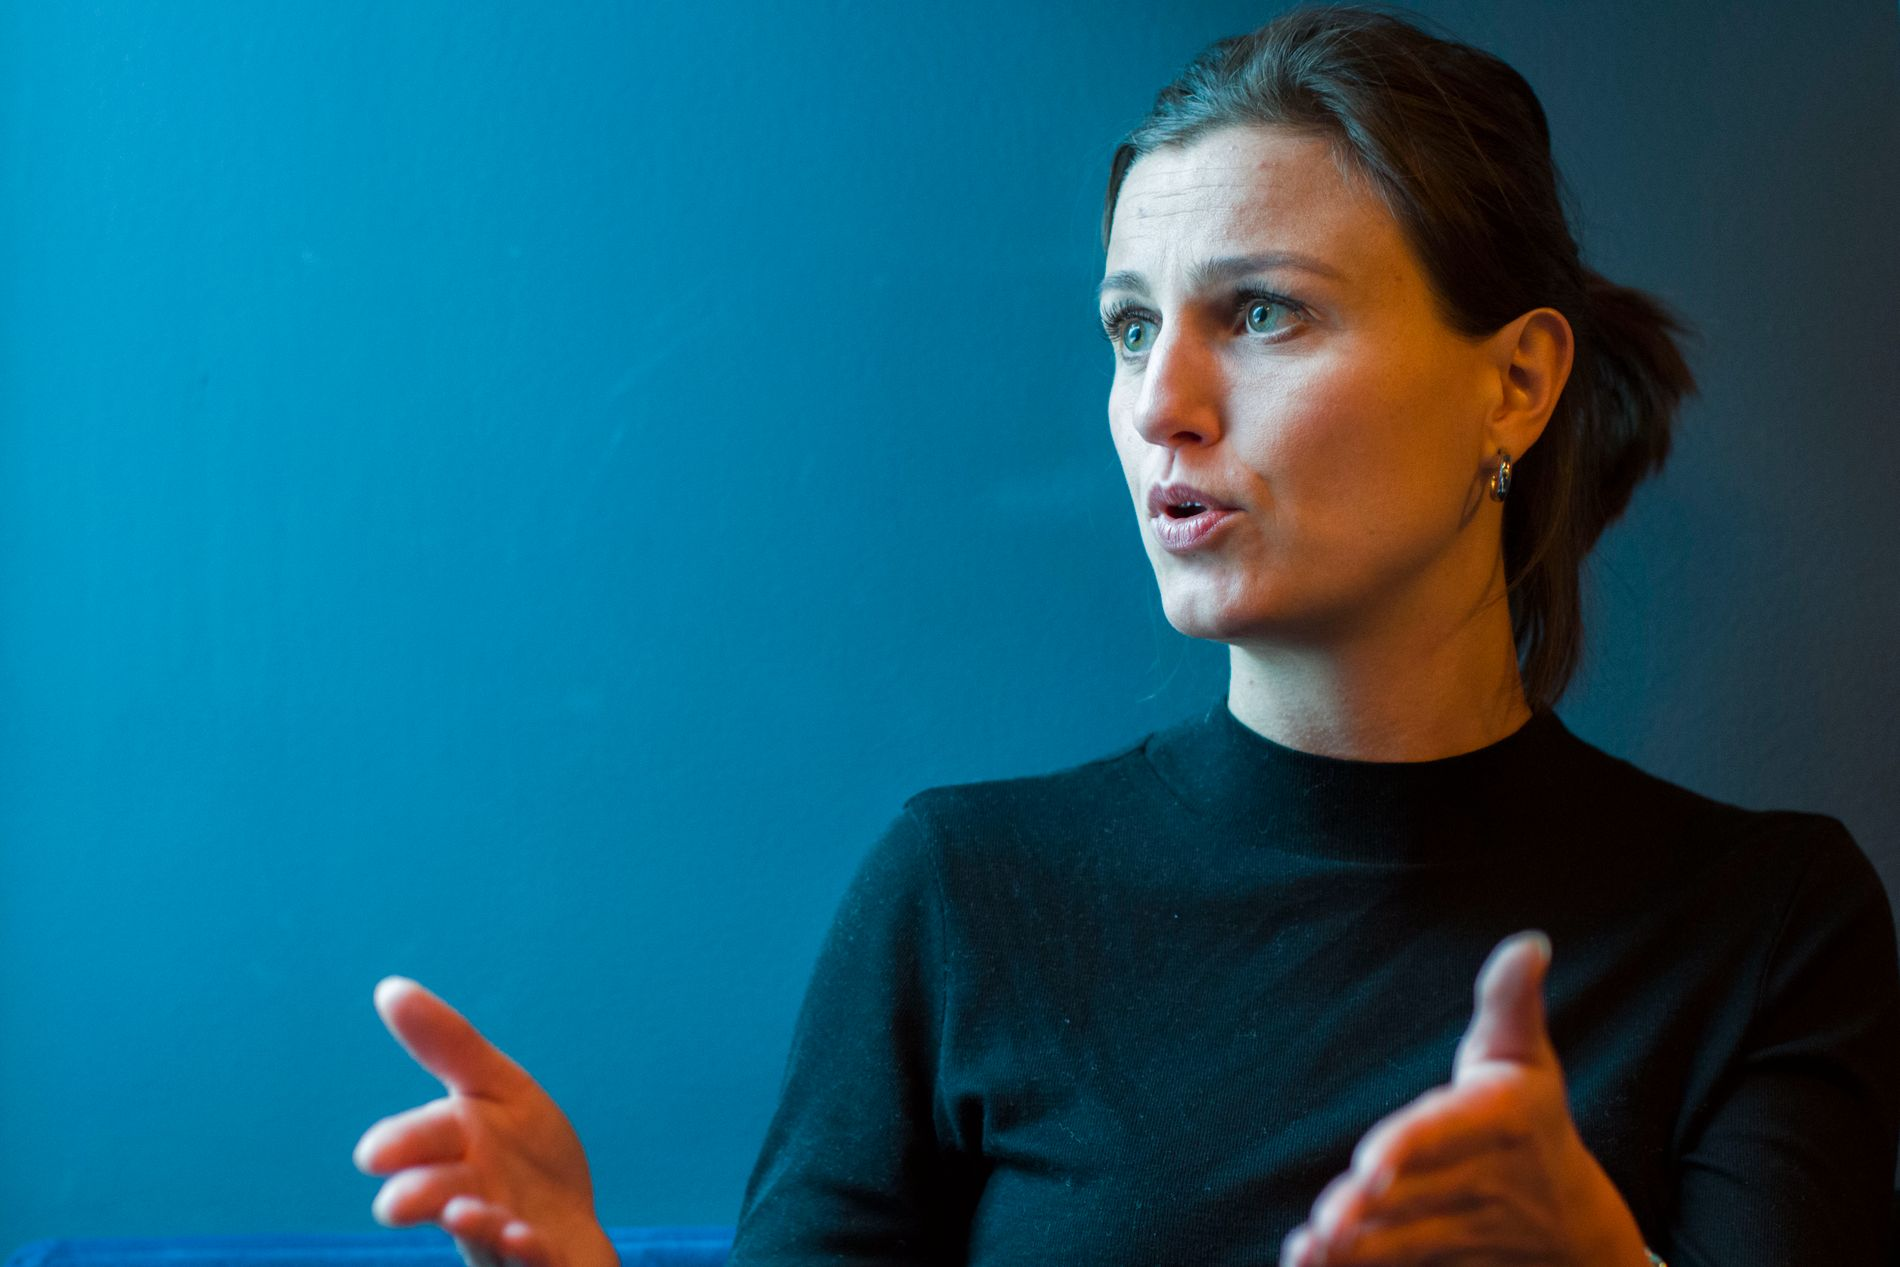 VIL VÆRE GAMMEL: Helga Flatland mener vi har et ekstremt ungdomsideal i dag: alle streber etter å være ung, mens hun selv gleder seg til å bli 50+.